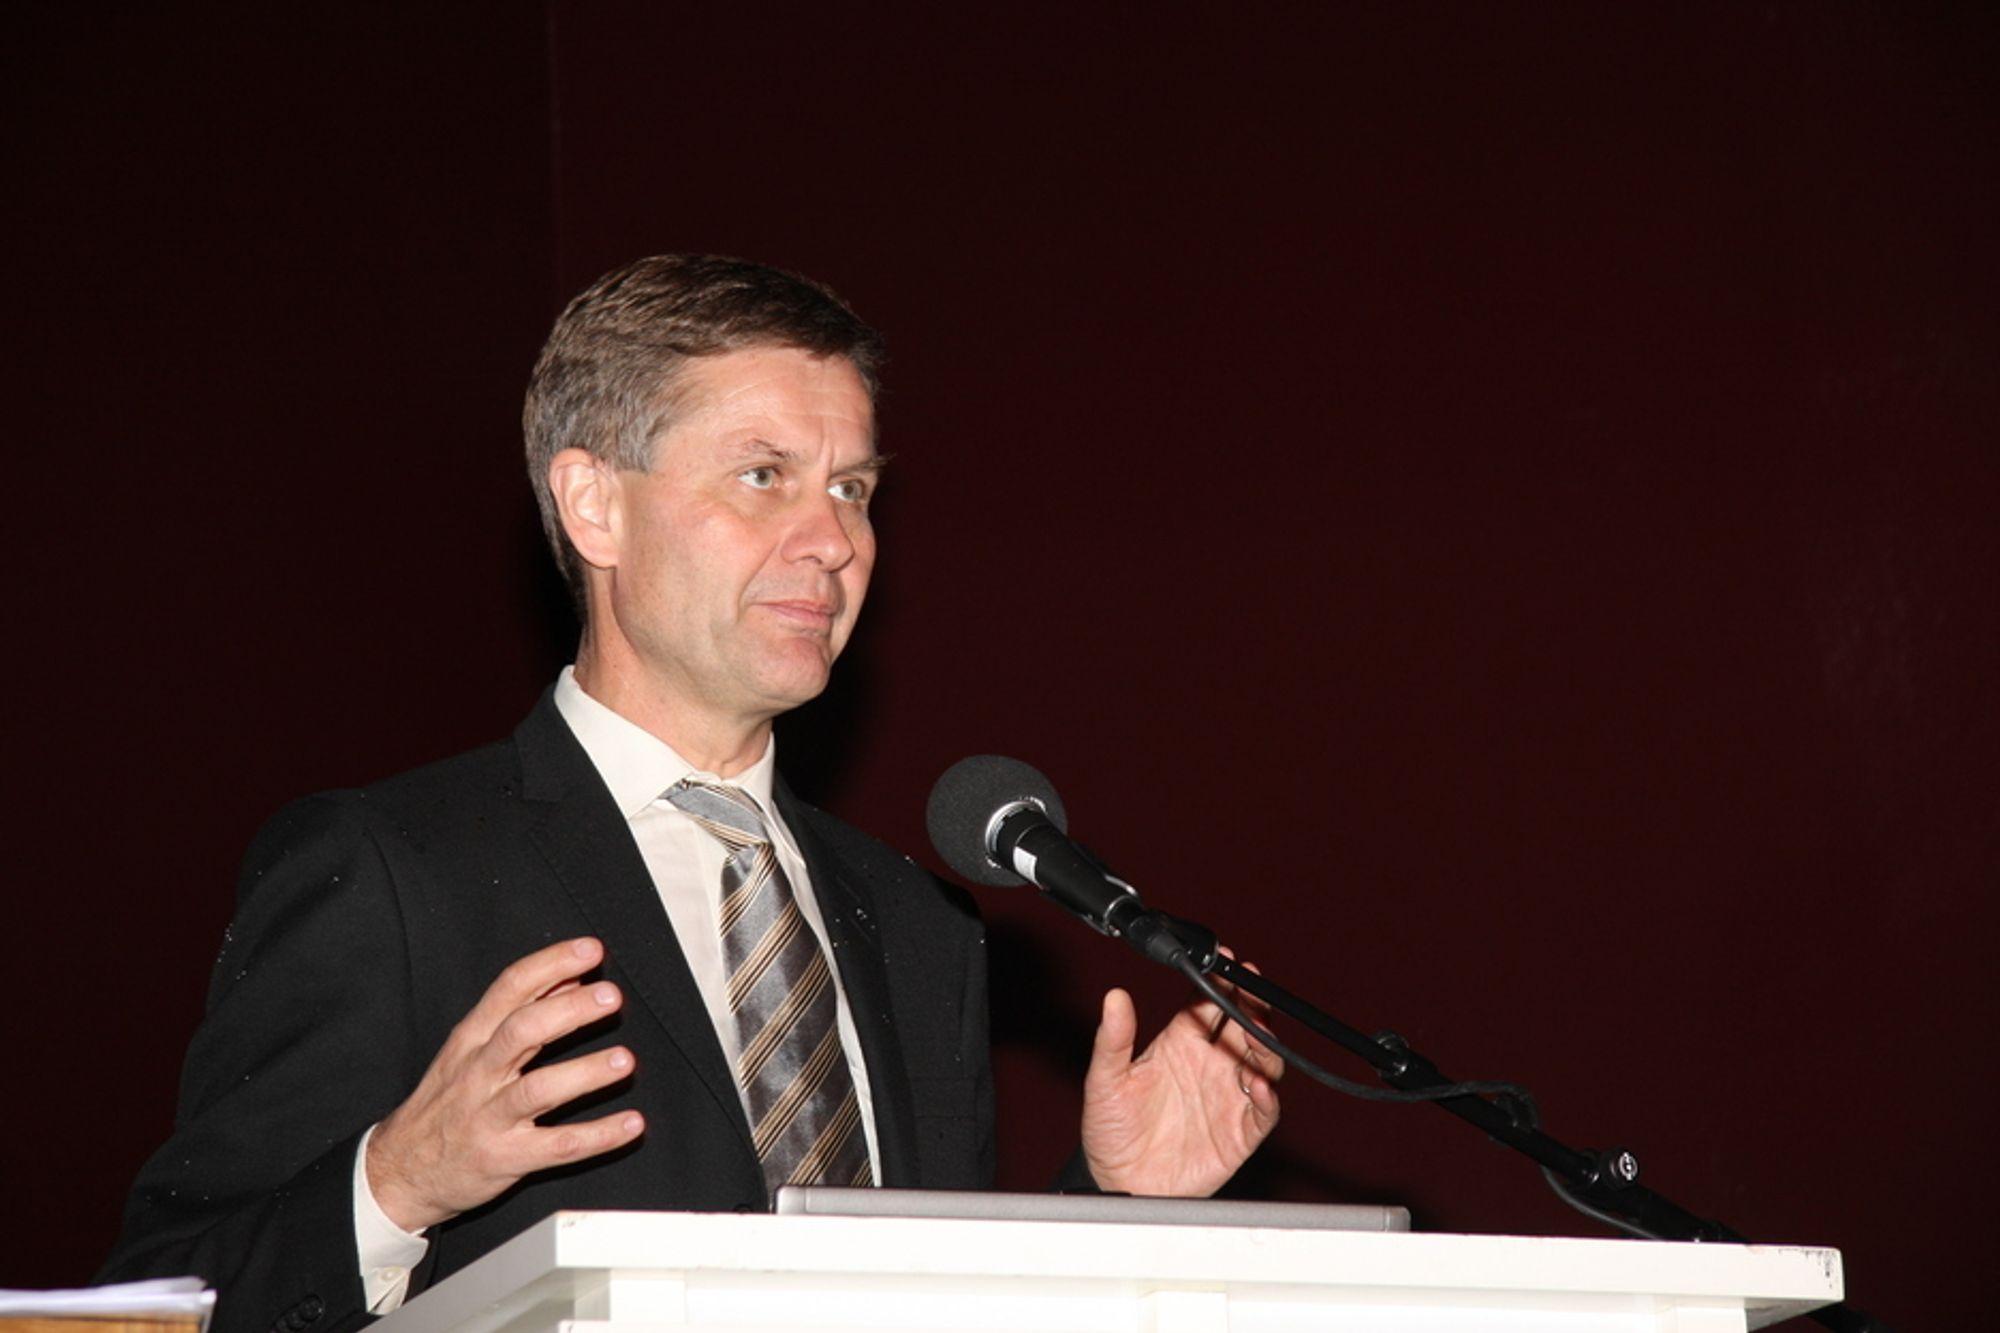 Miljøvernminister Erik Solheim mener regjeringen og KrF er 99,4 prosent enige om miljøpolitikken.